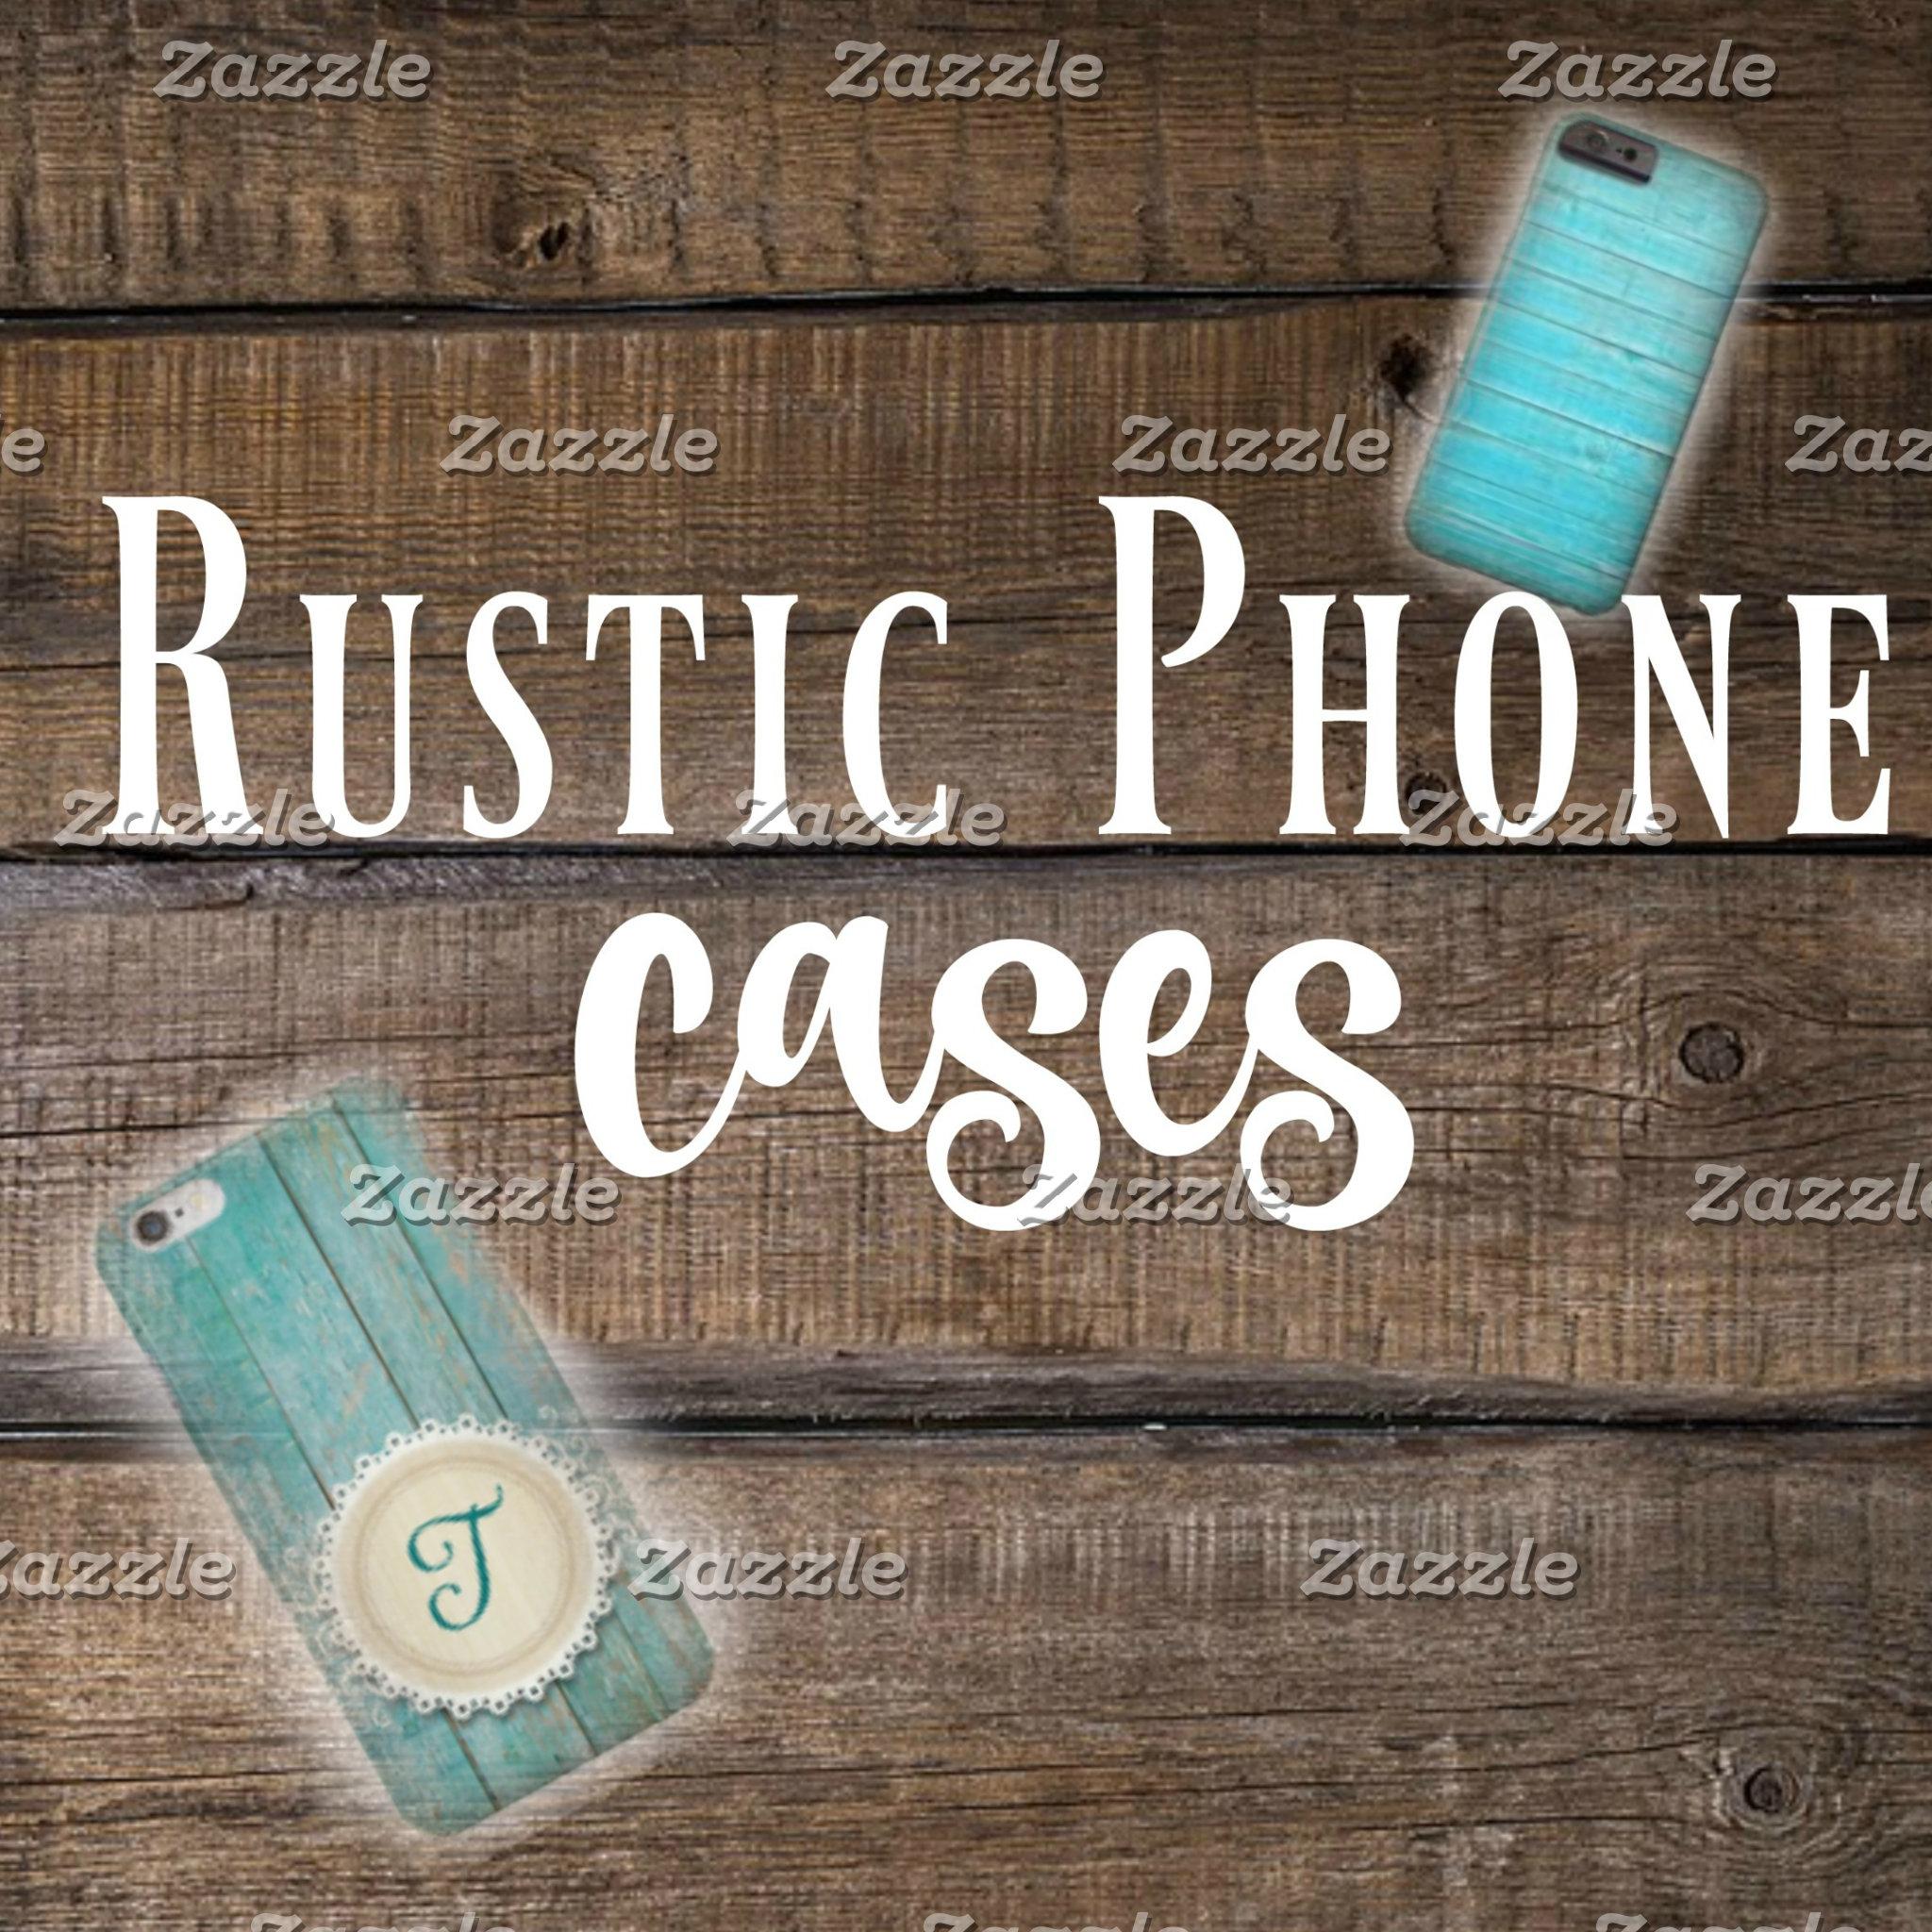 Rustic Phone Cases